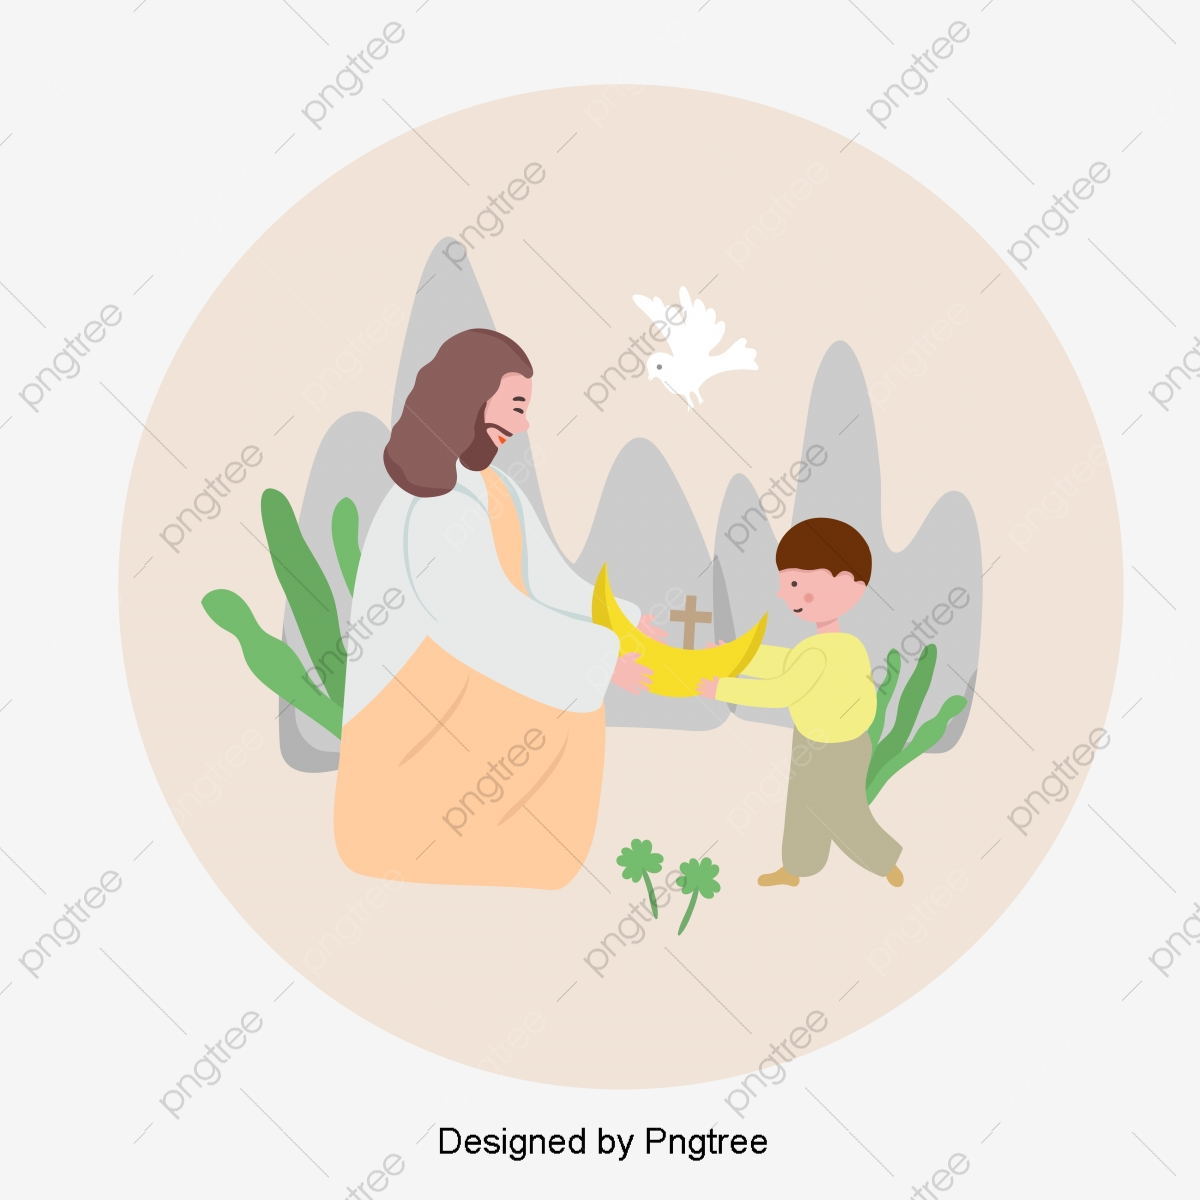 Ovos De Pascoa De Jesus E Desenho Pintado A Mao Jesus Ovos De